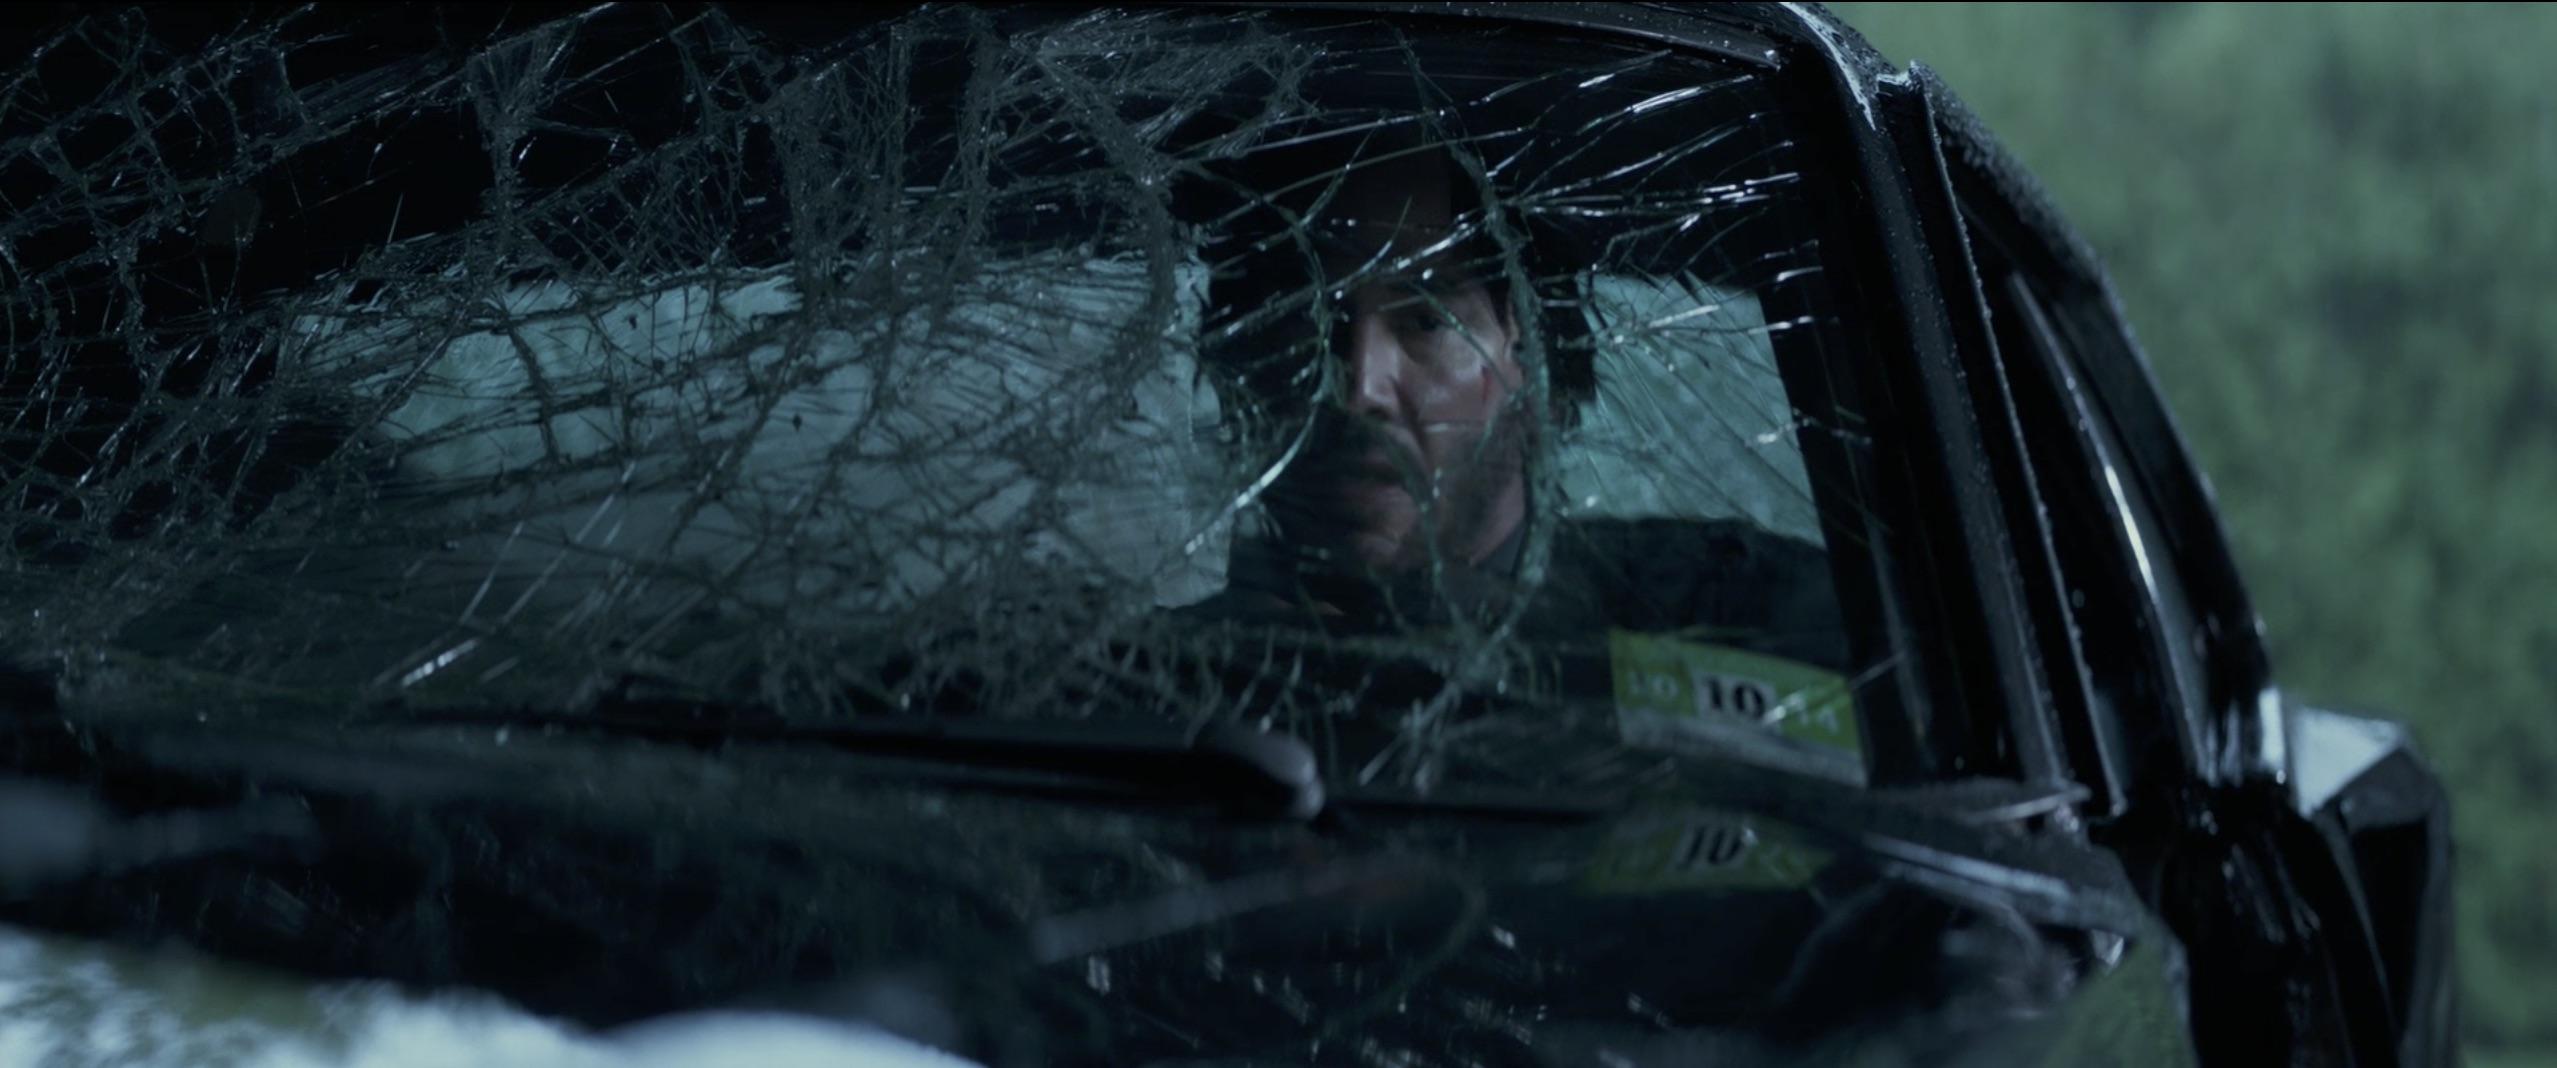 John Wick: Chapter 2 broken windshield